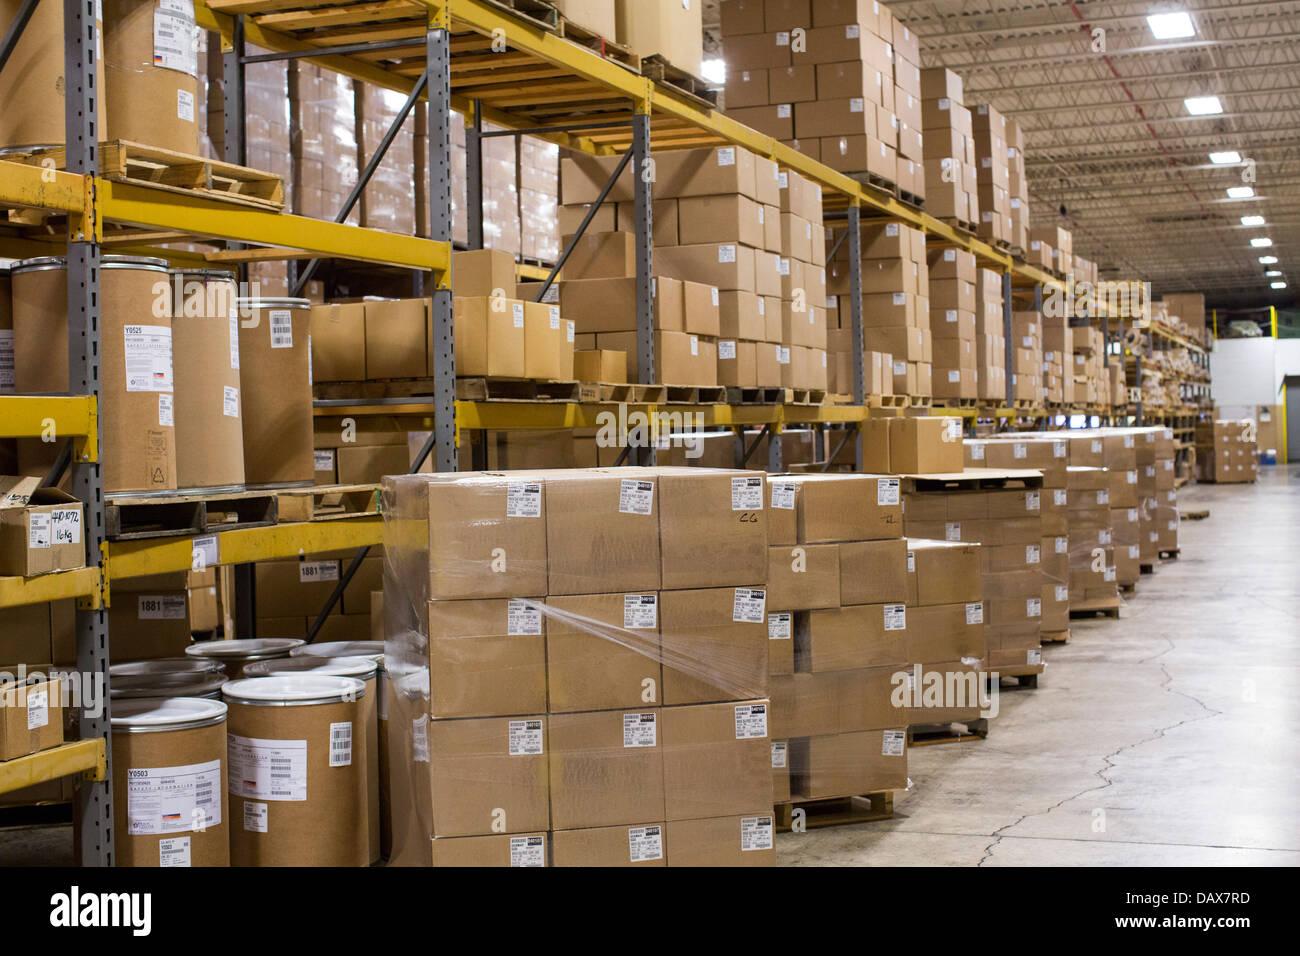 Eine Industriehalle voller Kartons auf Regale. Stockbild